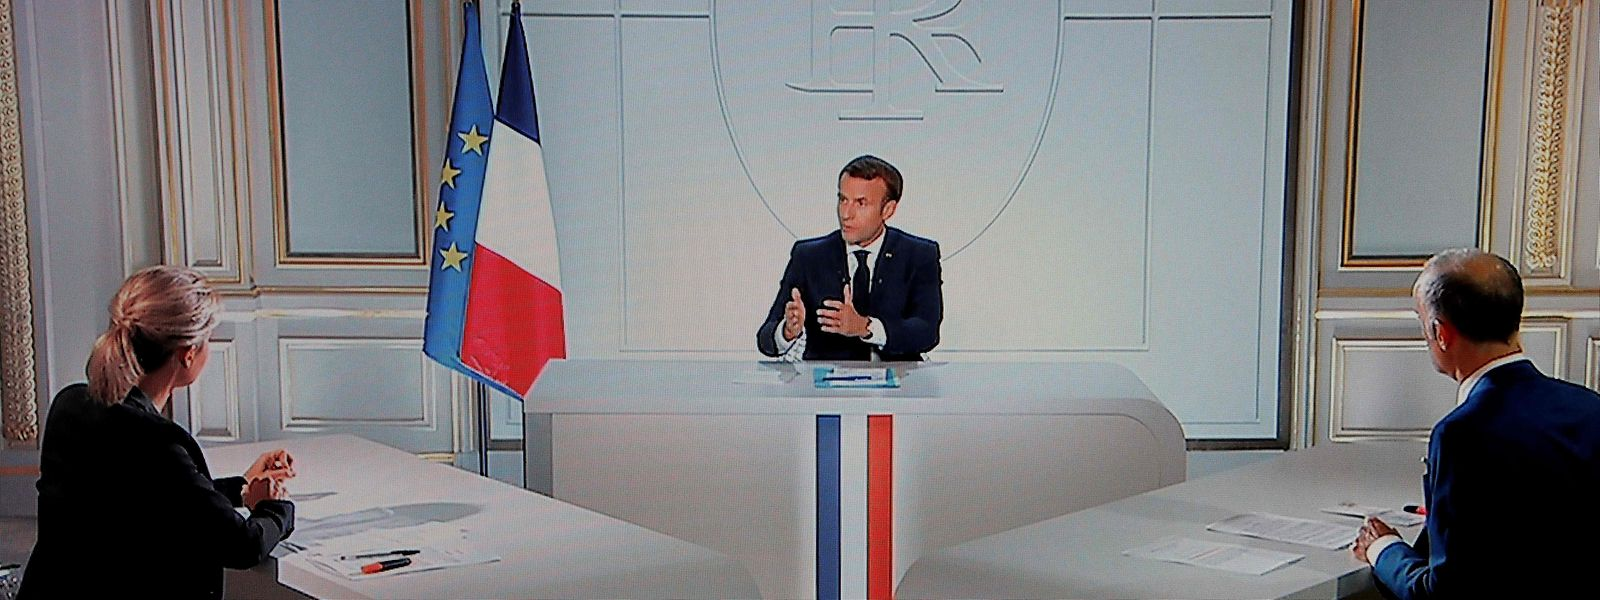 Au cours de son intervention, le président français a déclaré que le virus serait au moins présent jusqu'à l'été 2021.